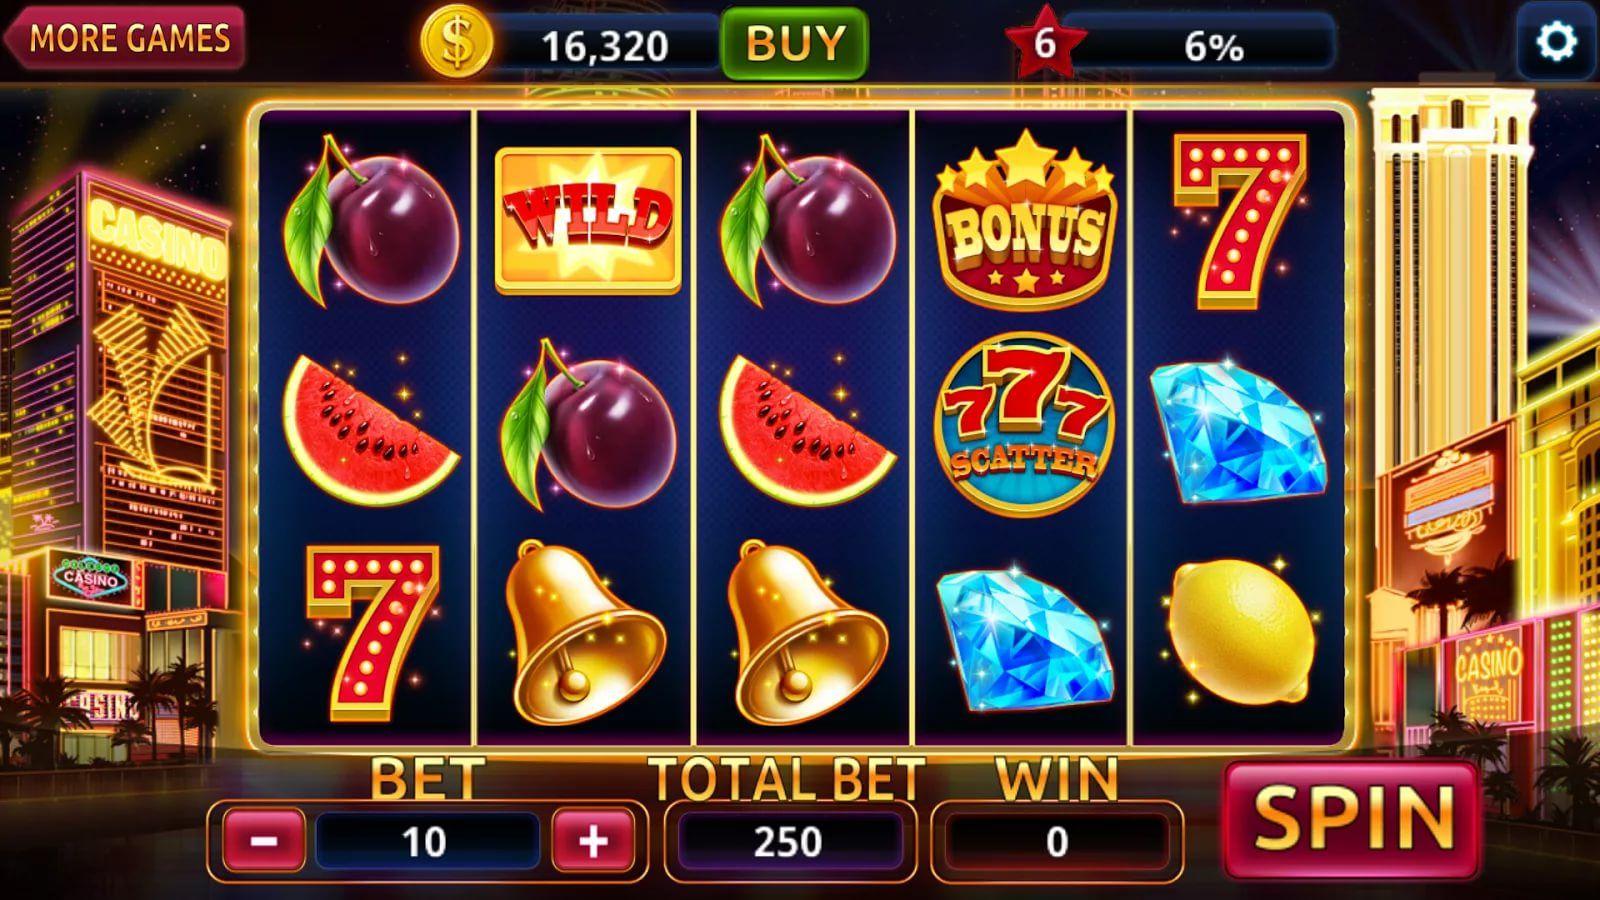 Как играть в игровые автоматы на деньги в интернете free fun online casino games